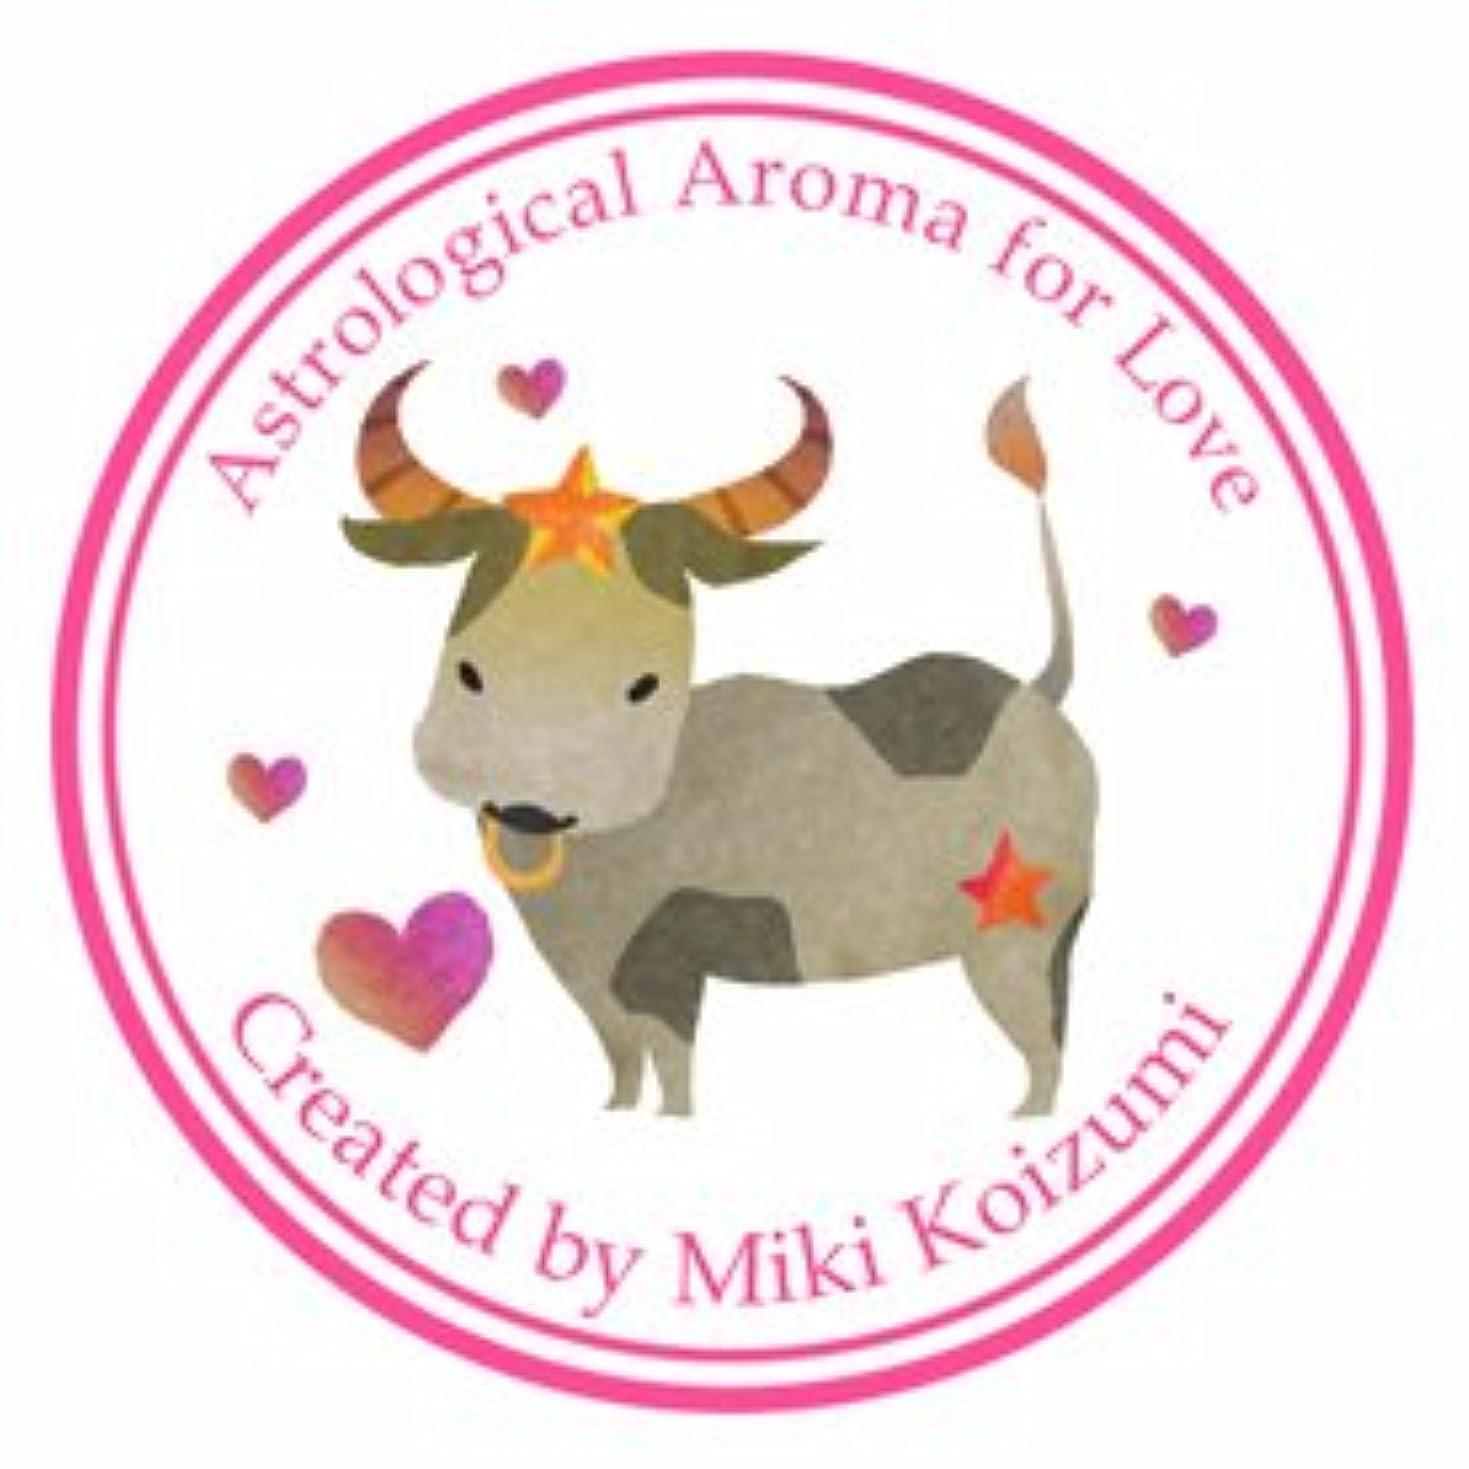 非公式クリーナー水平牡牛座(おうし座)さんのラブアロマ/エッセンシャルオイル/アロマオイル